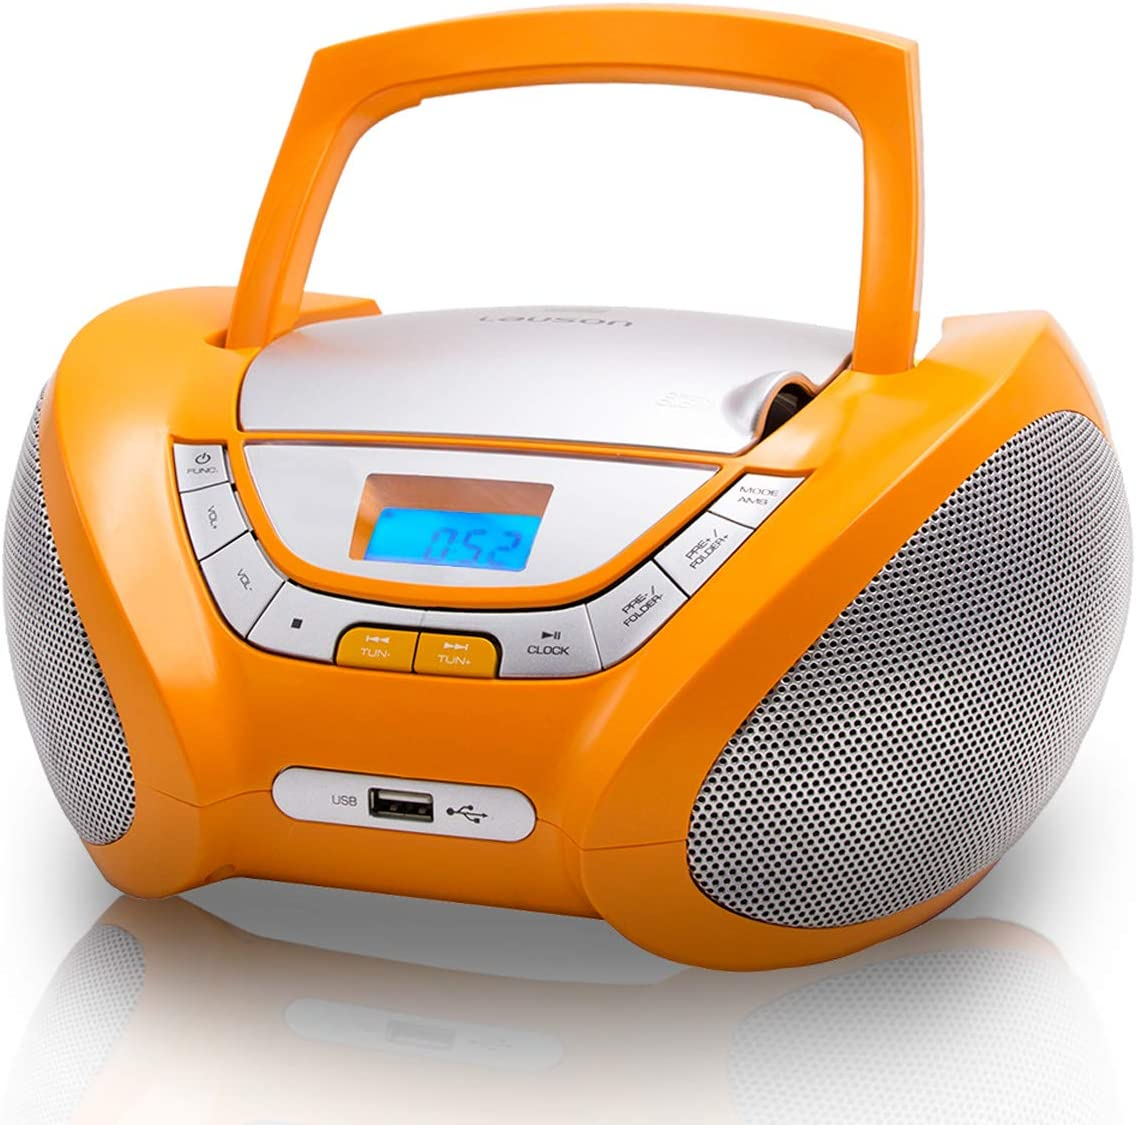 Lauson Cp447 Tragbarer Cd Player Usb Boombox Cd Cd R Usb Kinder Radio Mit Cd Spieler Kopfhöreranschluss Cd Player Für Kinder Netz Batterie Orange Heimkino Tv Video